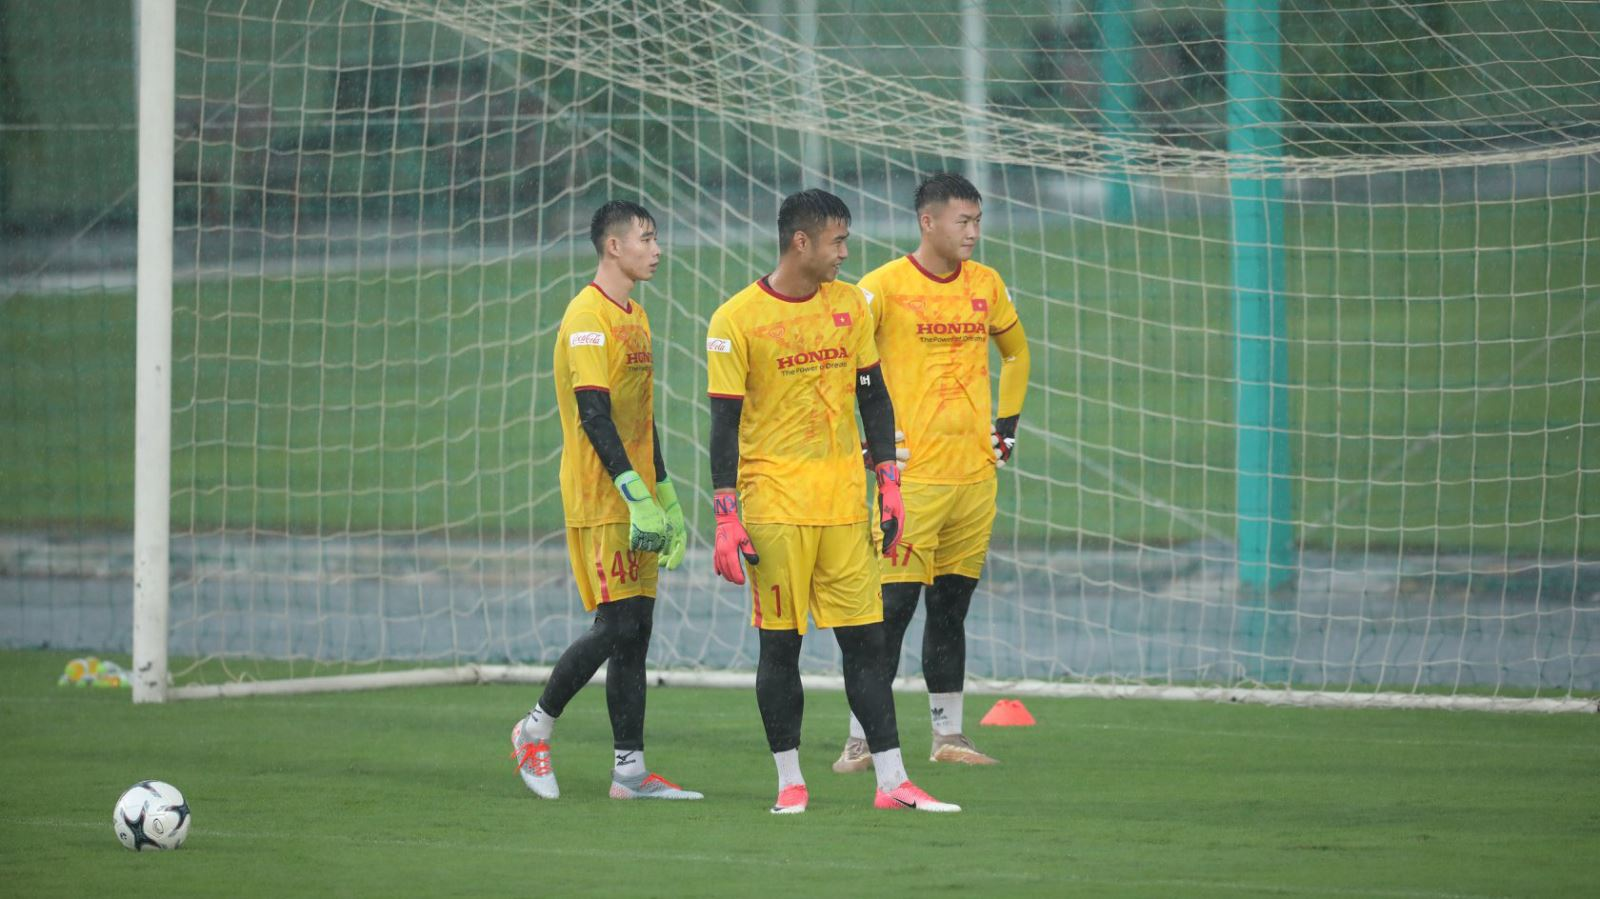 Bóng đá Việt Nam hôm nay:Thủ môn U22 Việt Nam tiết lộ yêu cầu lạ của HLV Park Hang Seo